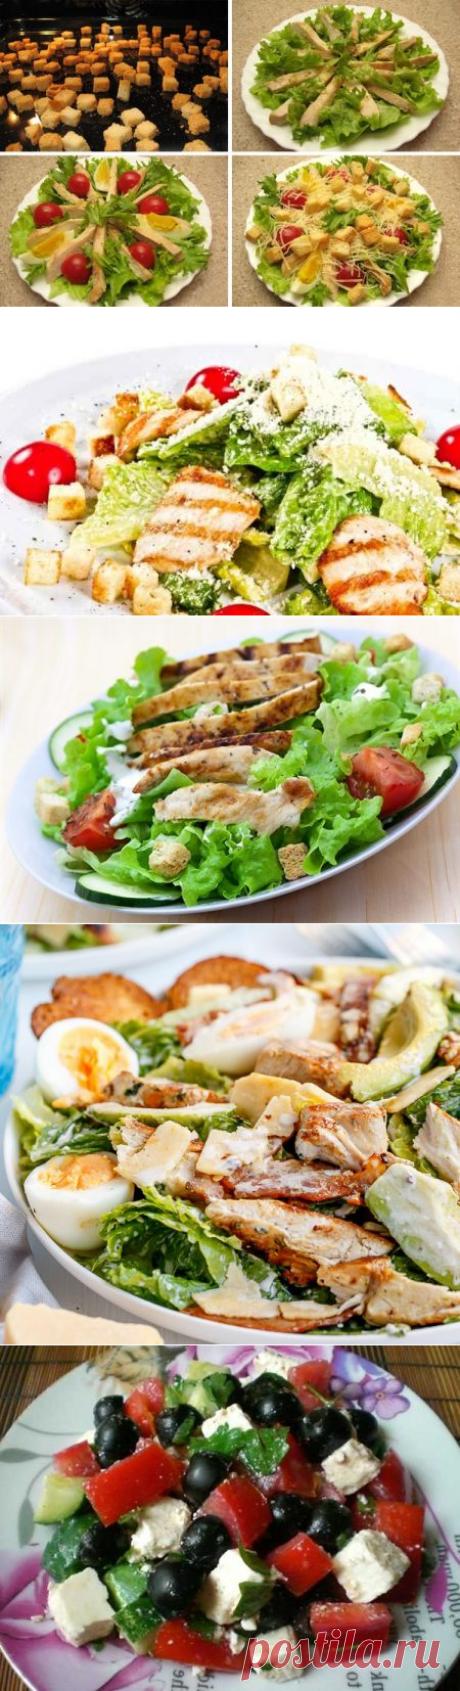 Салат «Цезарь» с курицей, классический простой рецепт